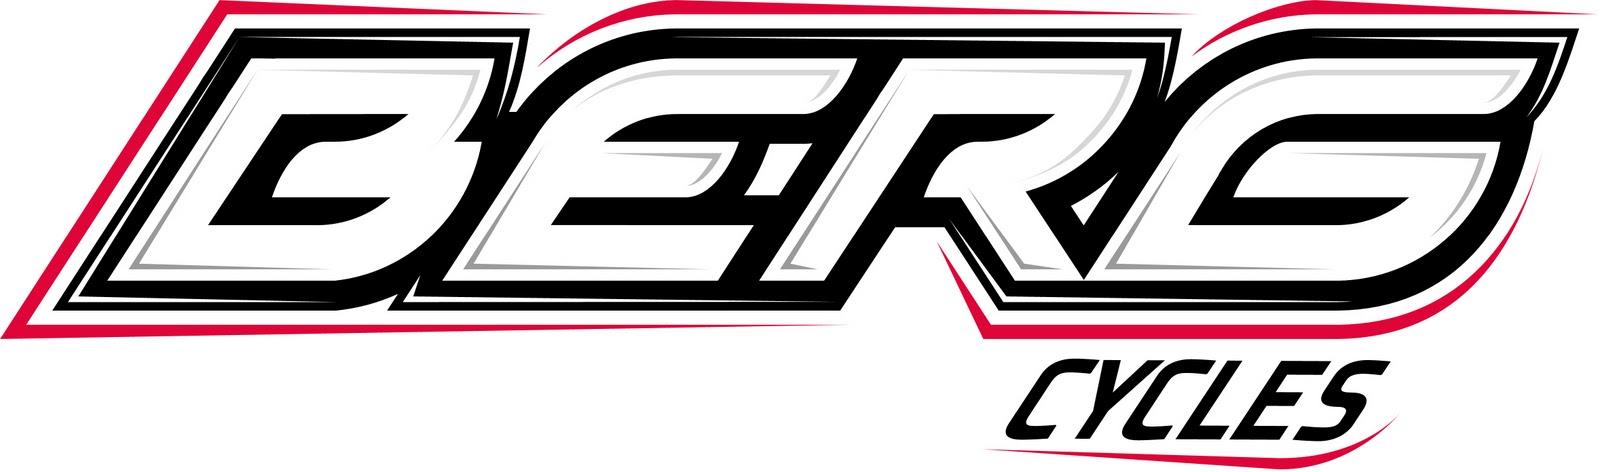 2.bp.blogspot.com/_M3KyFXwg4Ls/TSYZyFfaK9I/AAAAAAAAAAs/22yHLu2fnT4/s1600/Berg+Cycles+Logo+%255B3%255D.jpg